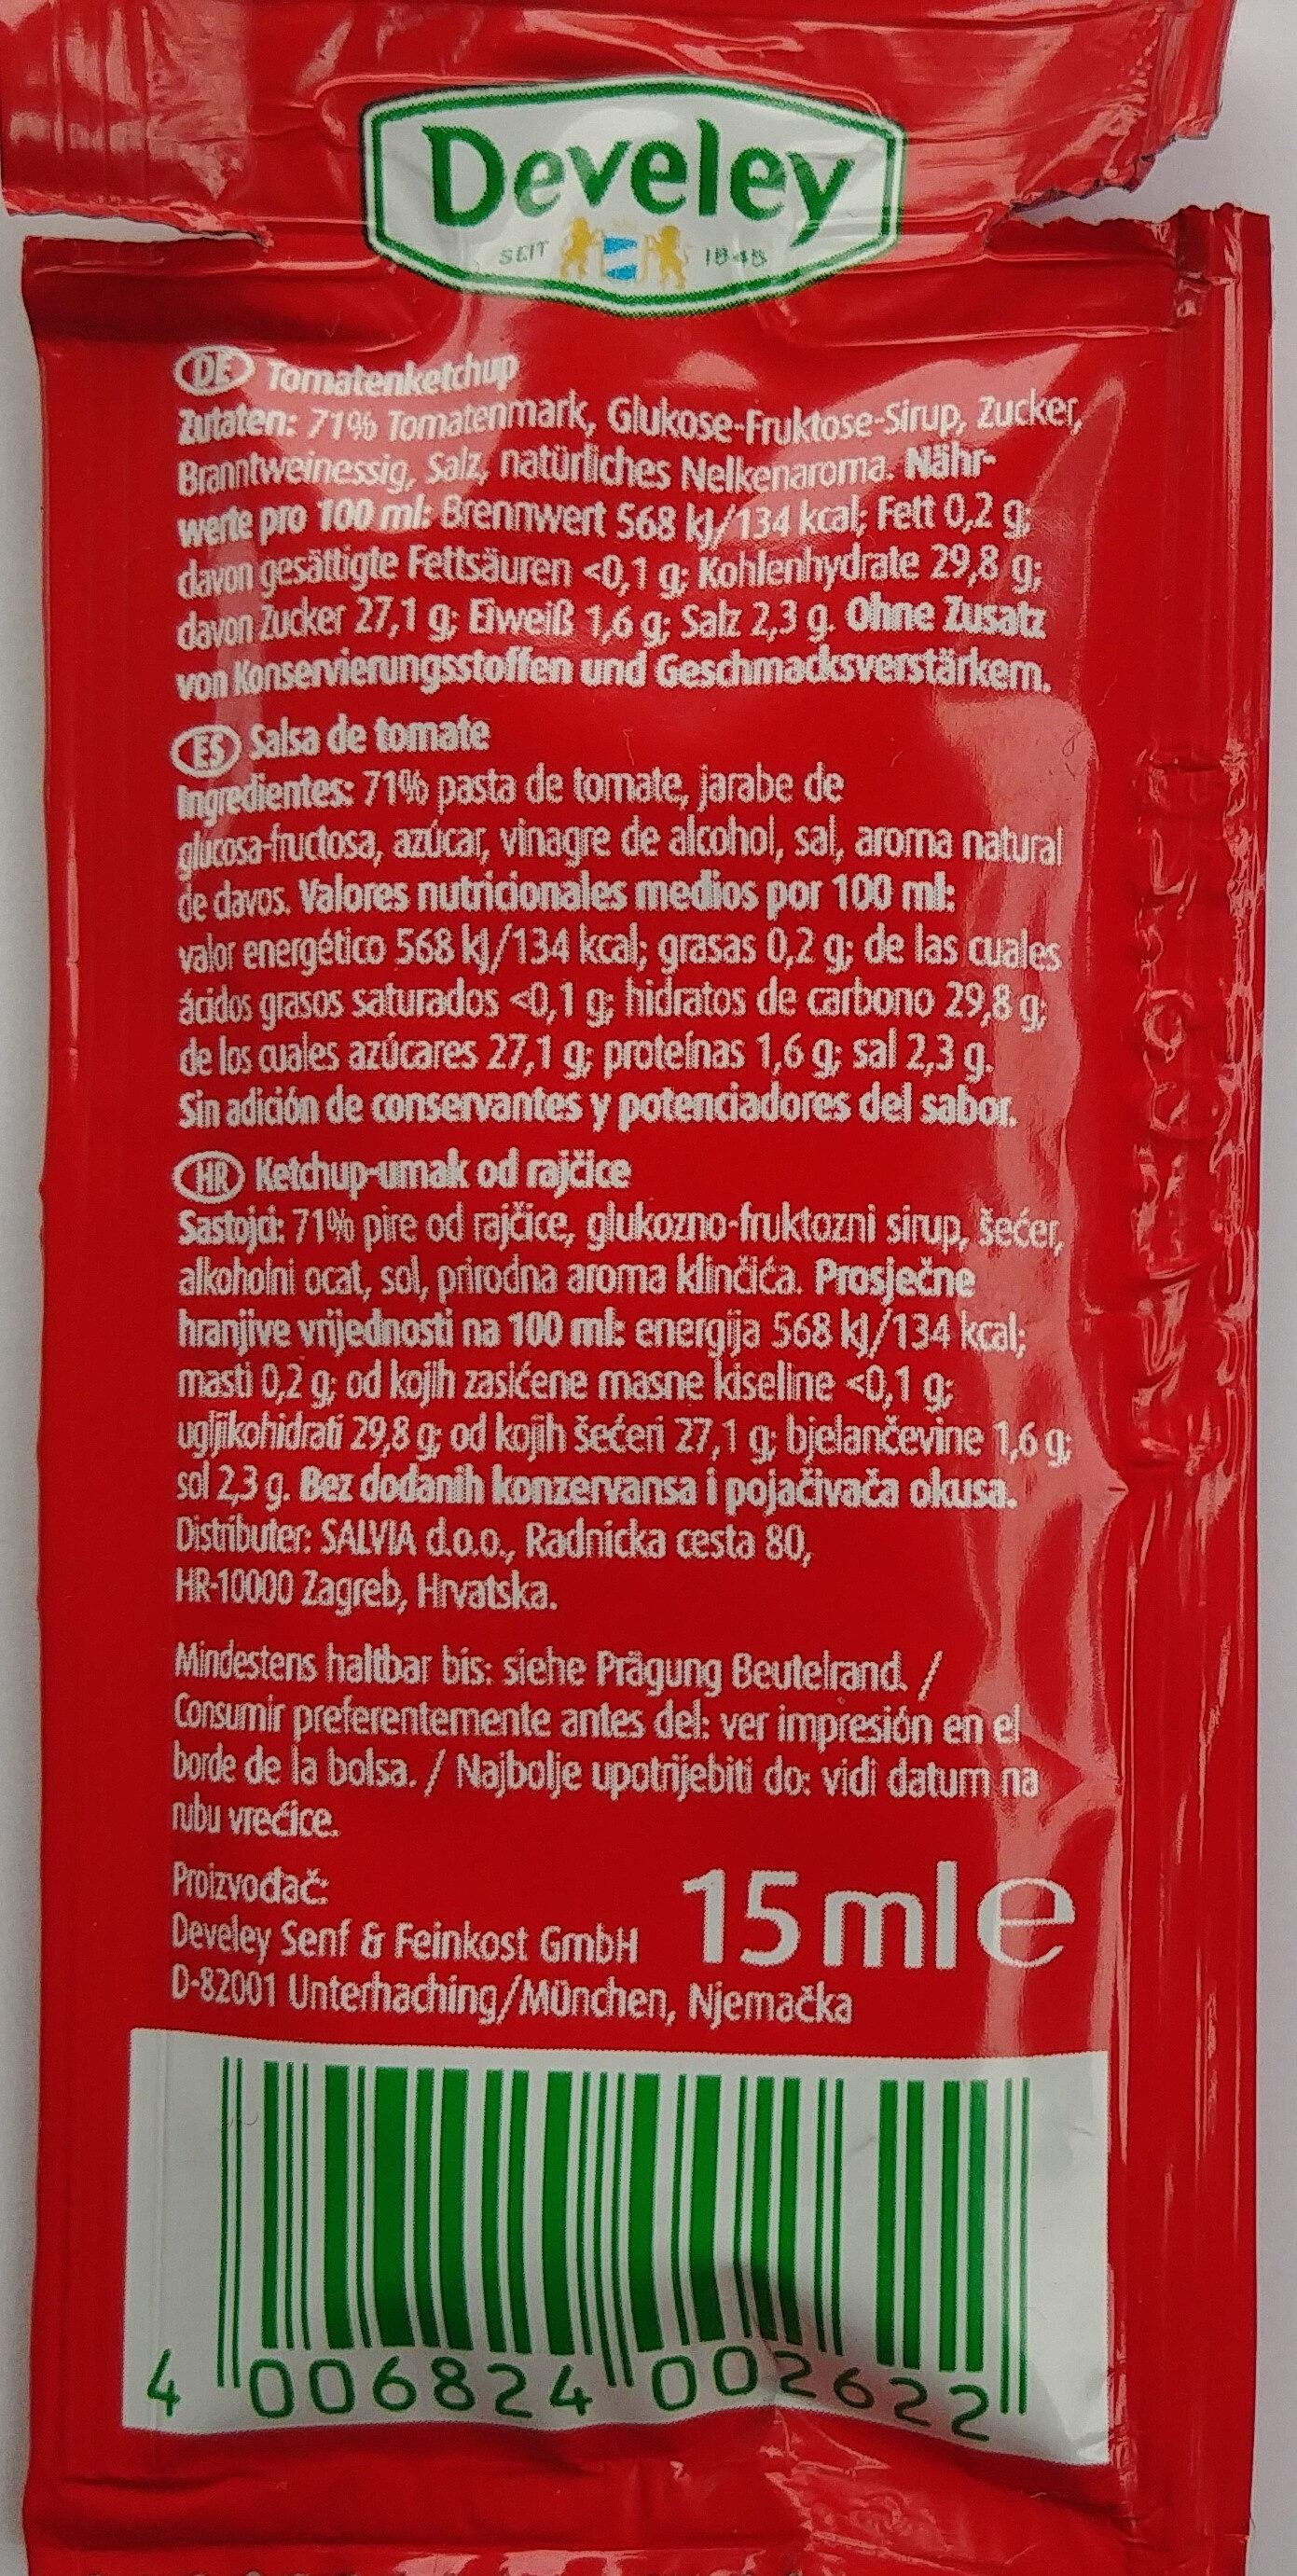 Tomaten Ketchup - Información nutricional - de